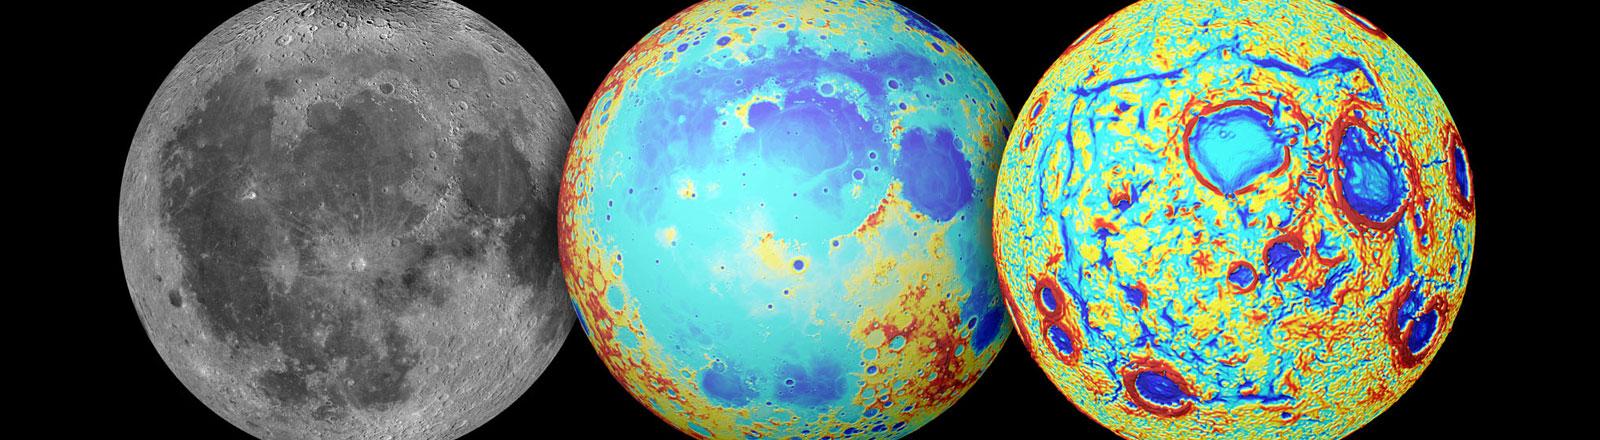 Verschiedene Abbildungen des Mondes.